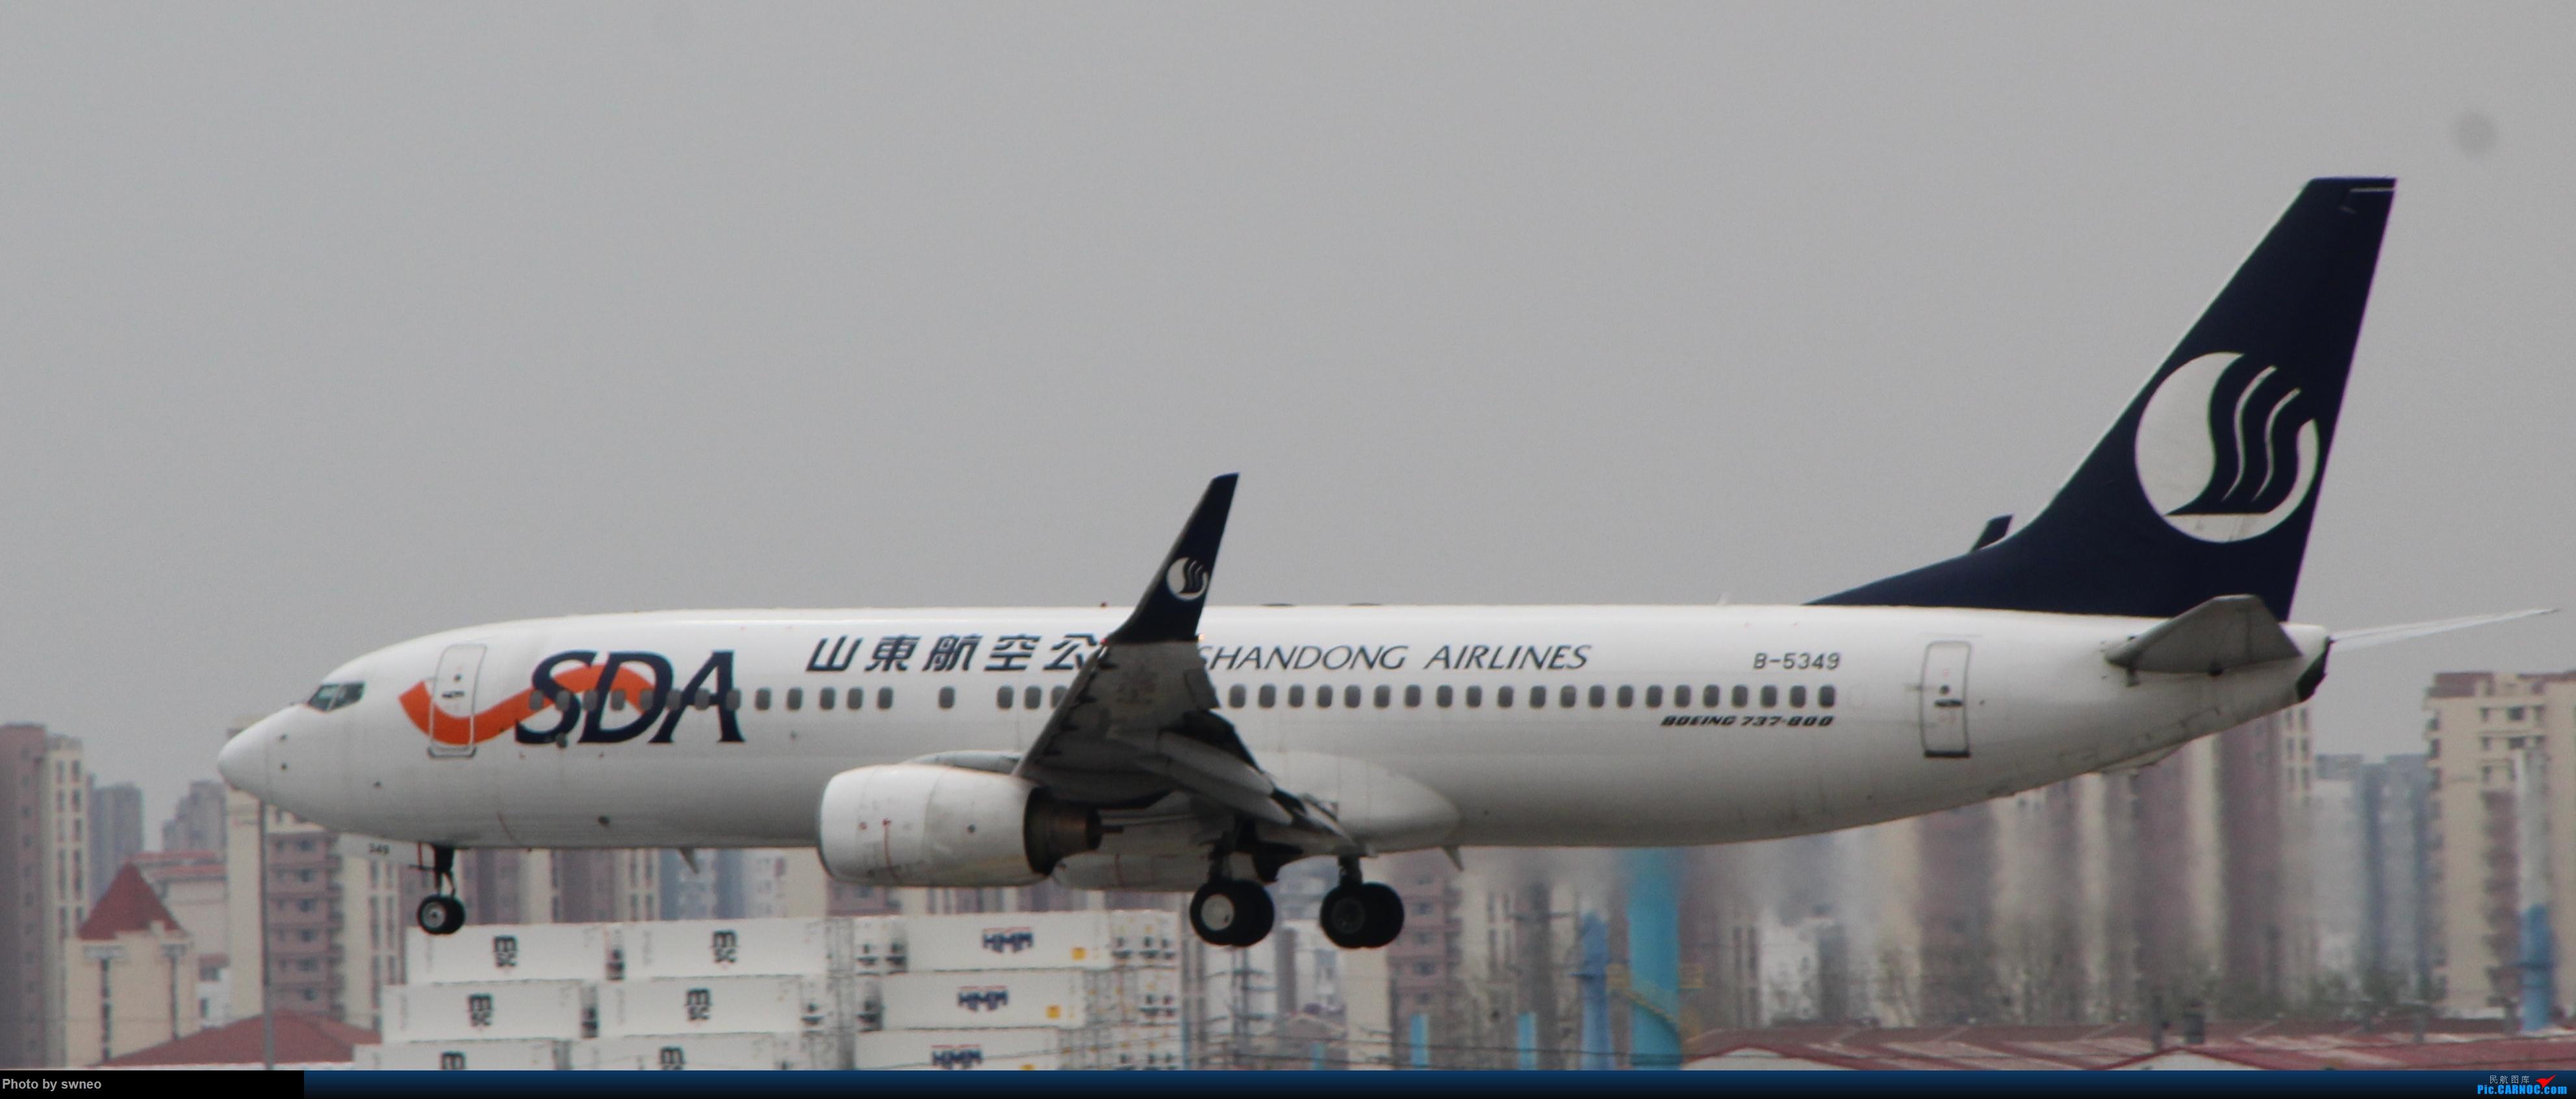 Re:青岛rw17土坡拍机 BOEING 737-800 B-5349 中国青岛流亭国际机场